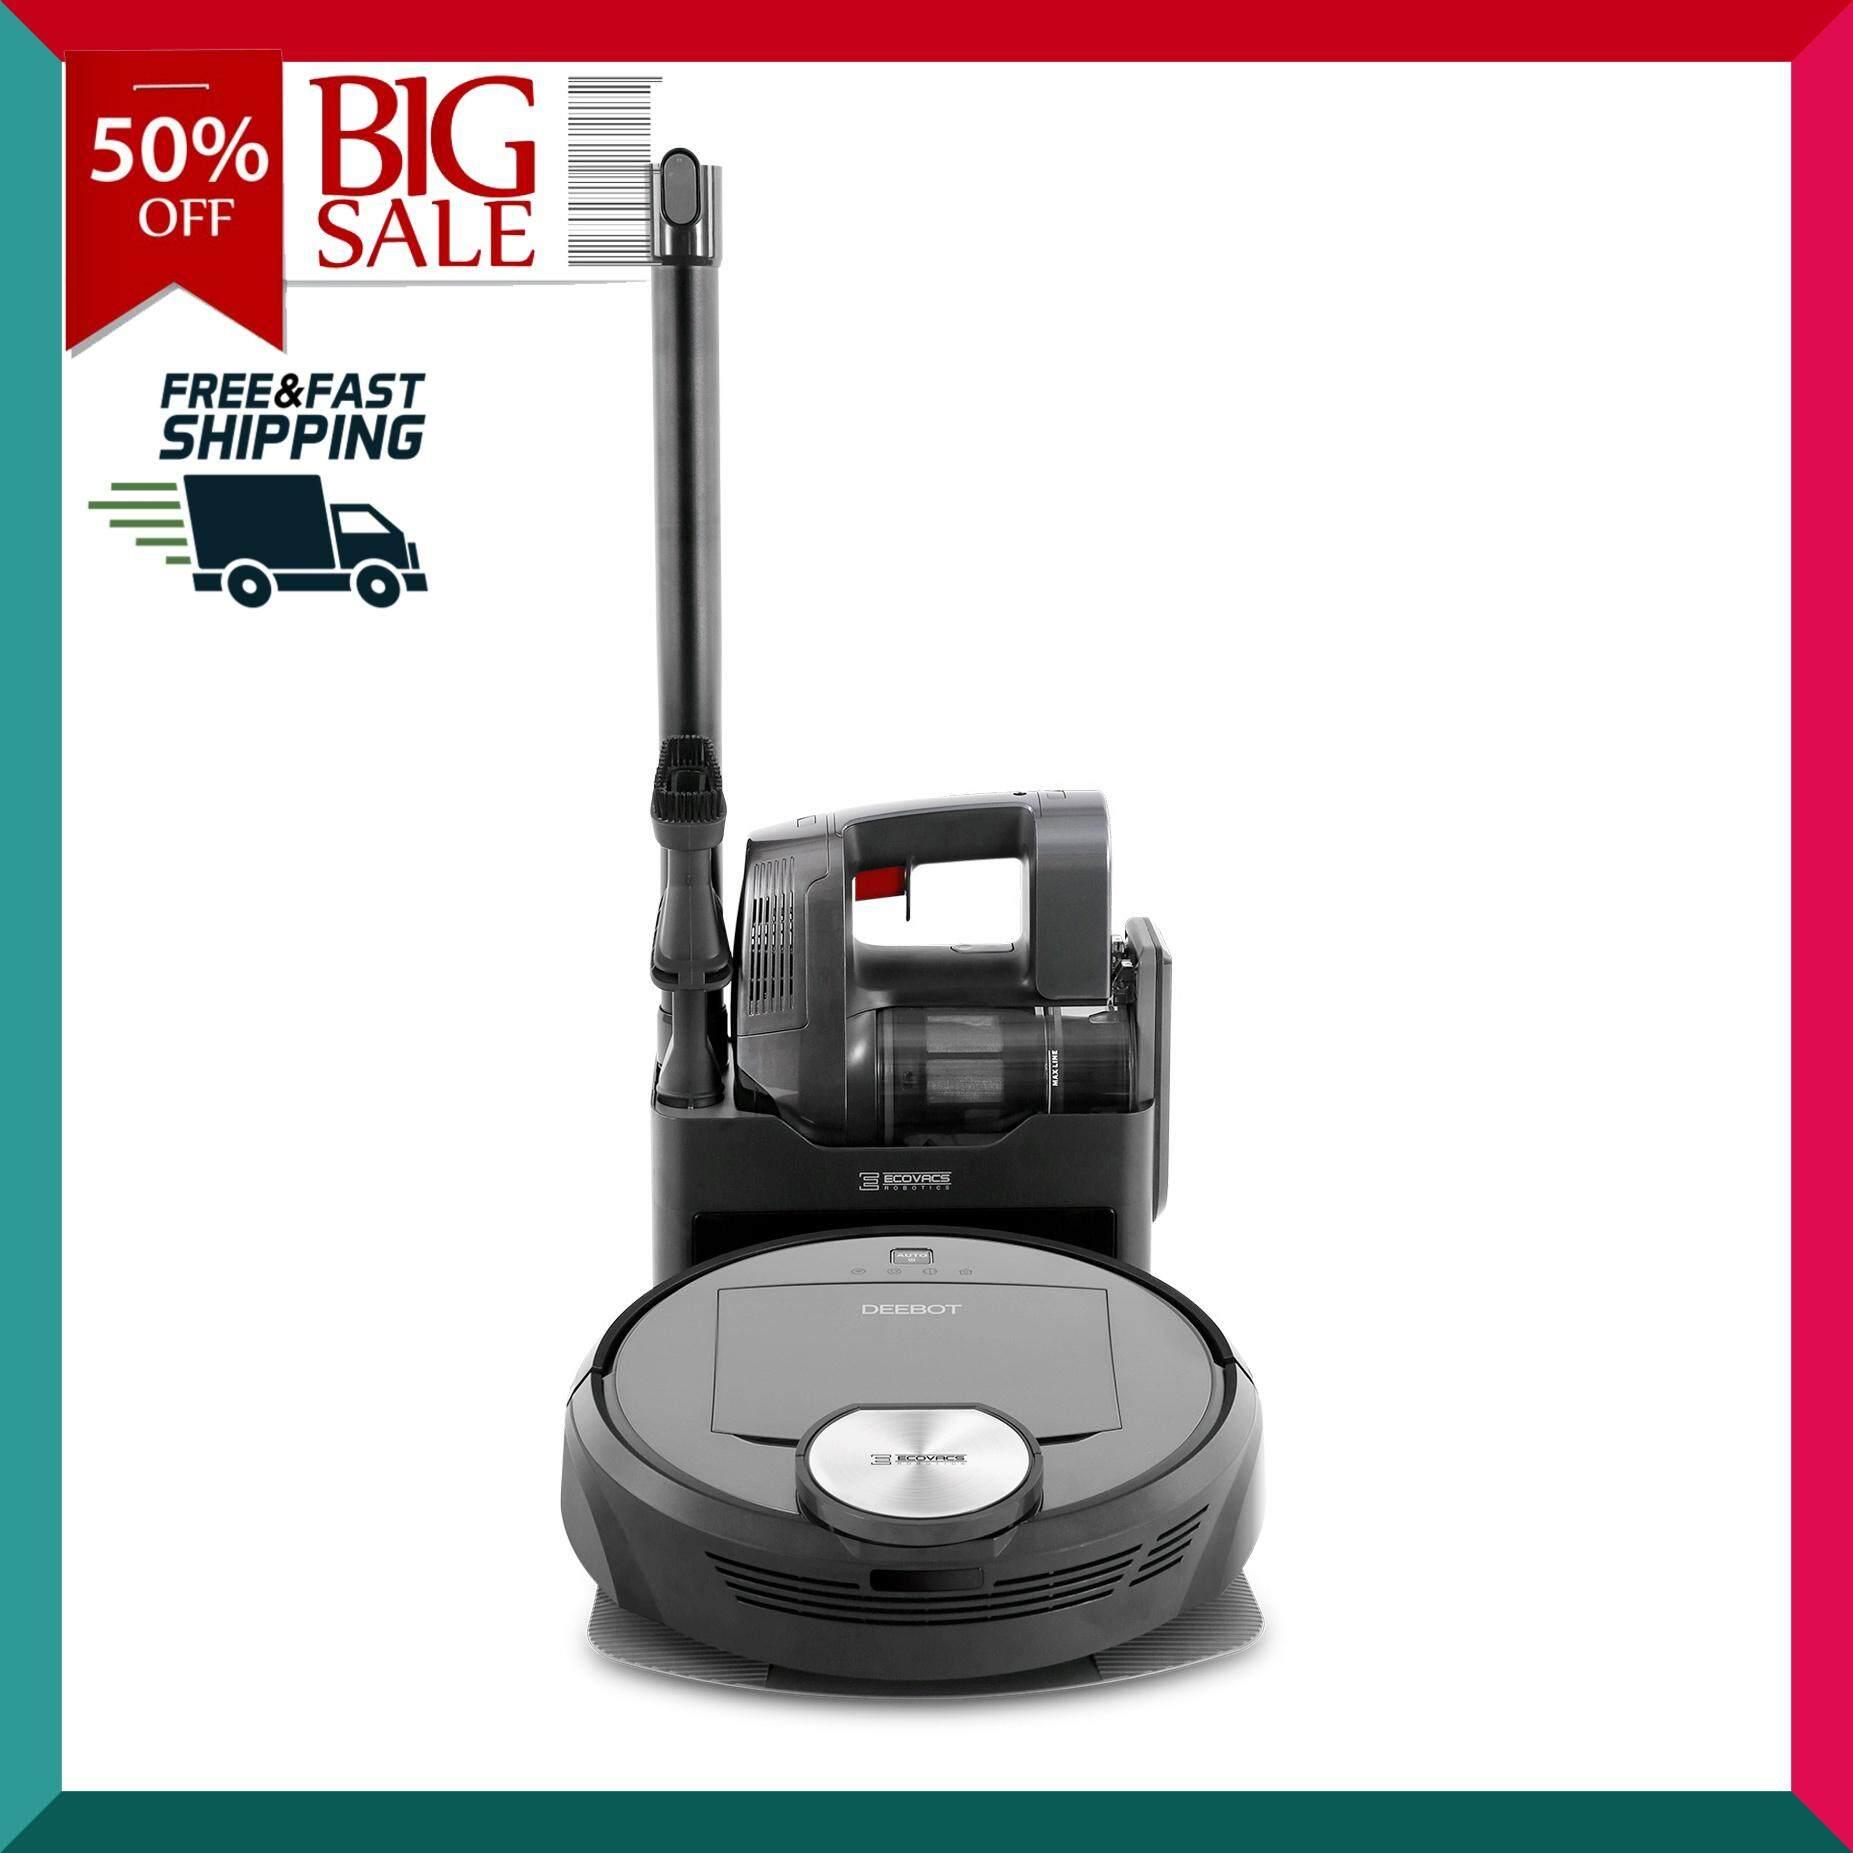 ECOVACS หุ่นยนต์ทำความสะอาด รุ่น Deebot R98 สีดำ เครื่องดูดฝุ่นอัตโนมัติ หุ่นยนต์ดูดฝุ่น เครื่องดูดฝุ่น เครื่องทำความสะอาด Vacuum Cleaner สินค้าคุณภาพ Premium !!! จัดส่งฟรี